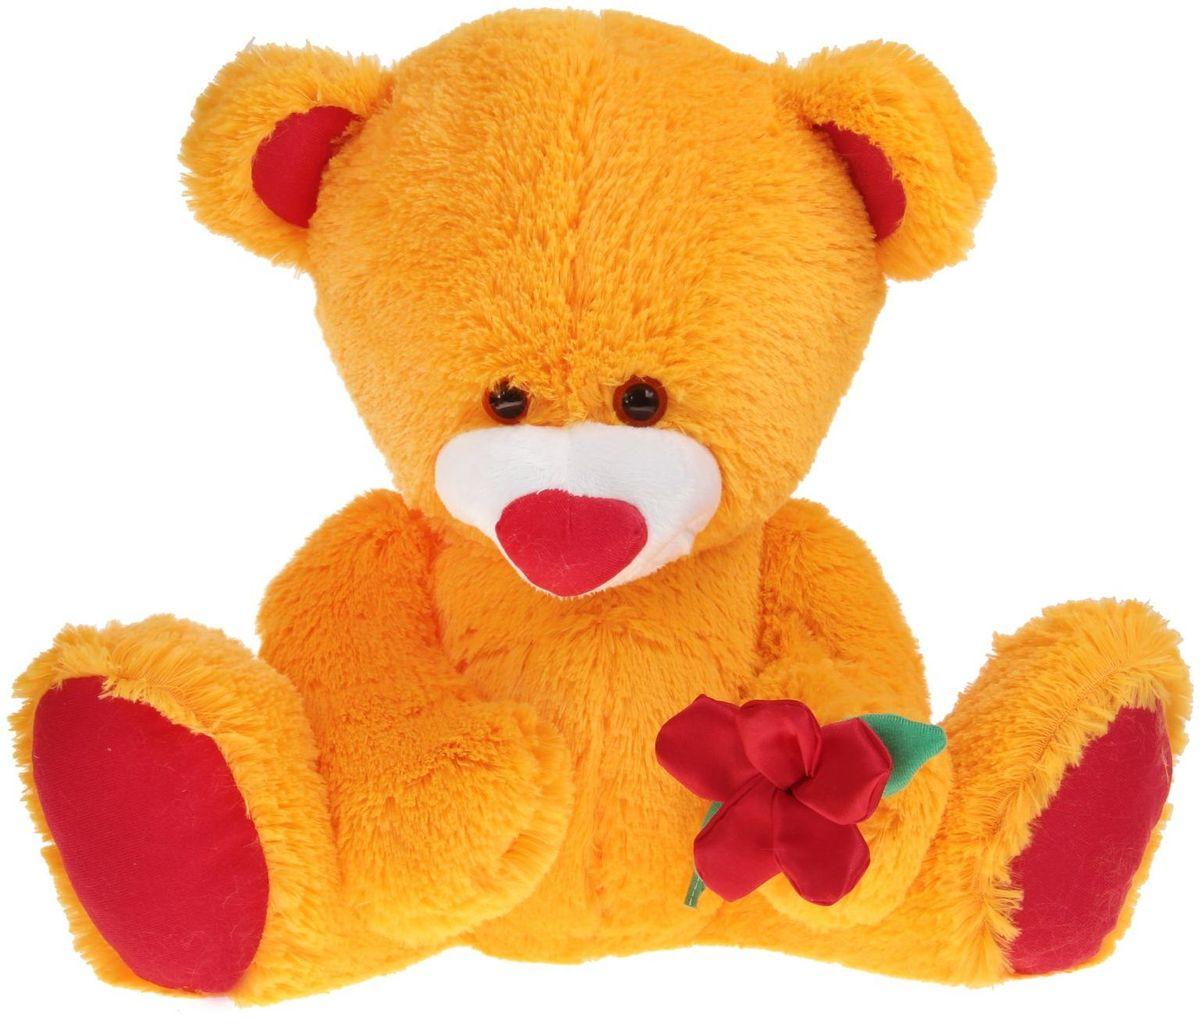 Zakazat.ru 888 Мягкая игрушка Медведь Матвей 44 см 1065841